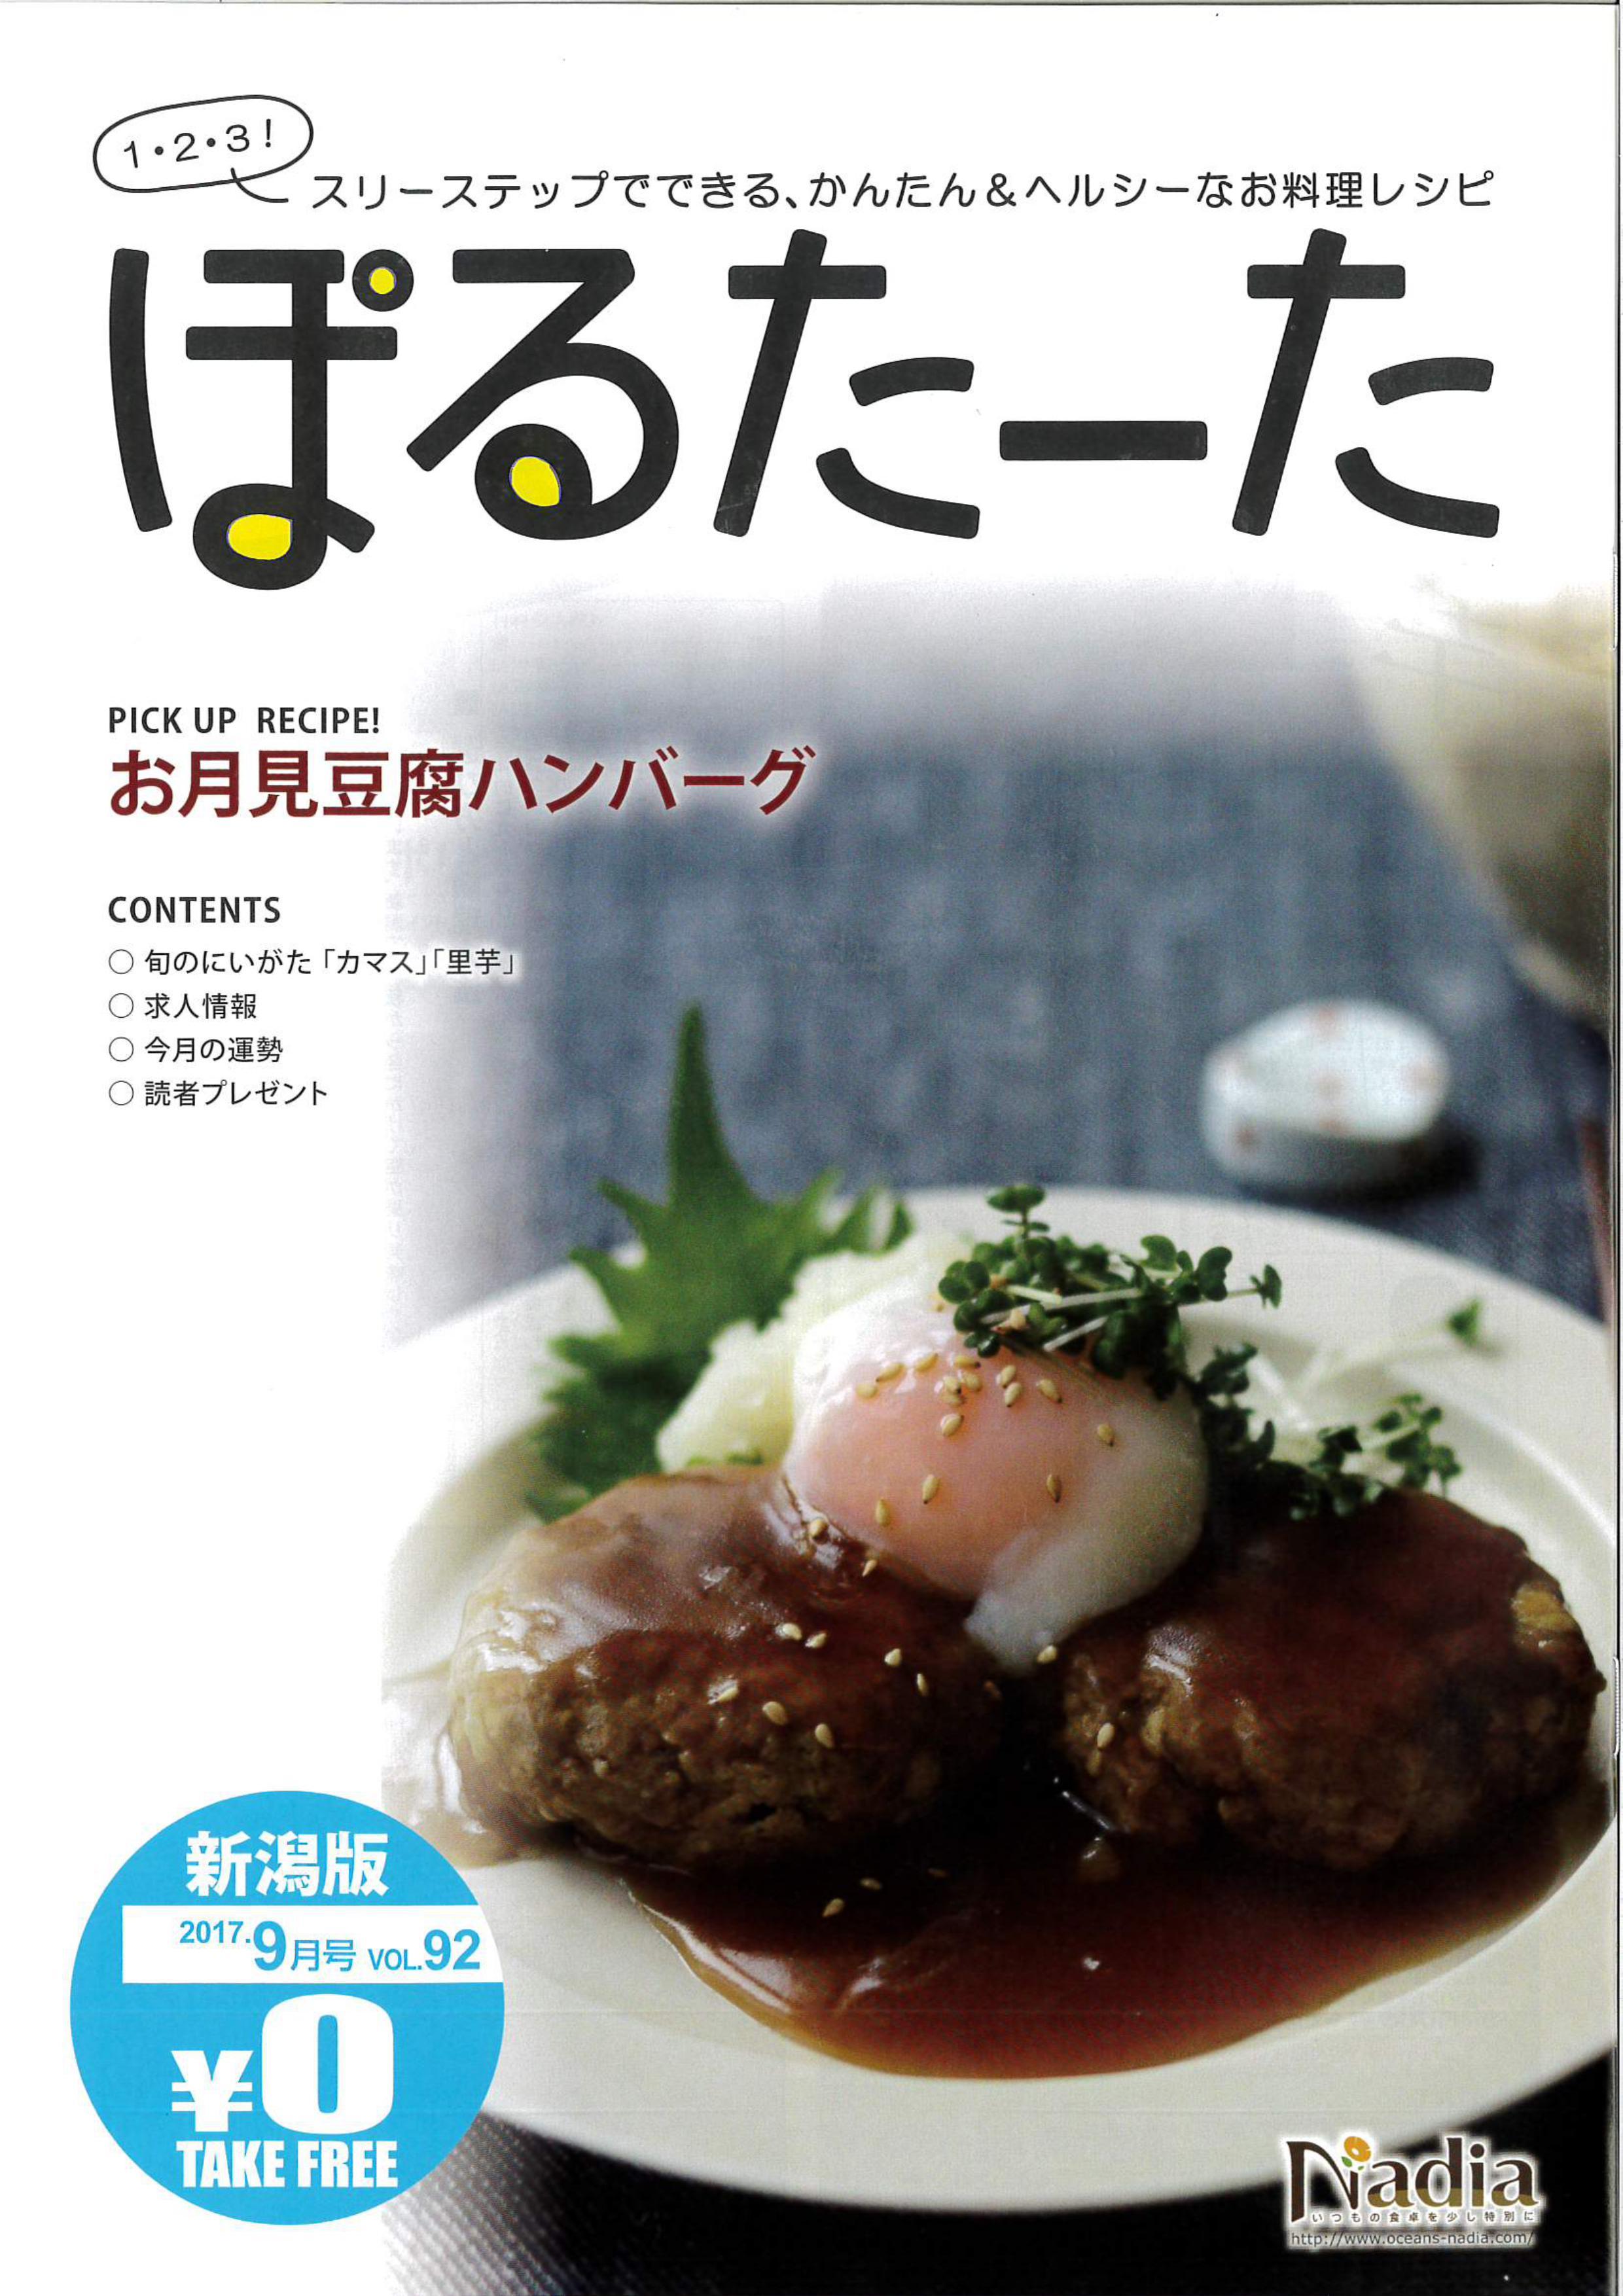 栁川かおり:フリーペーパー「ぽるたーたVOL.92(9月号)」にレシピが掲載されました